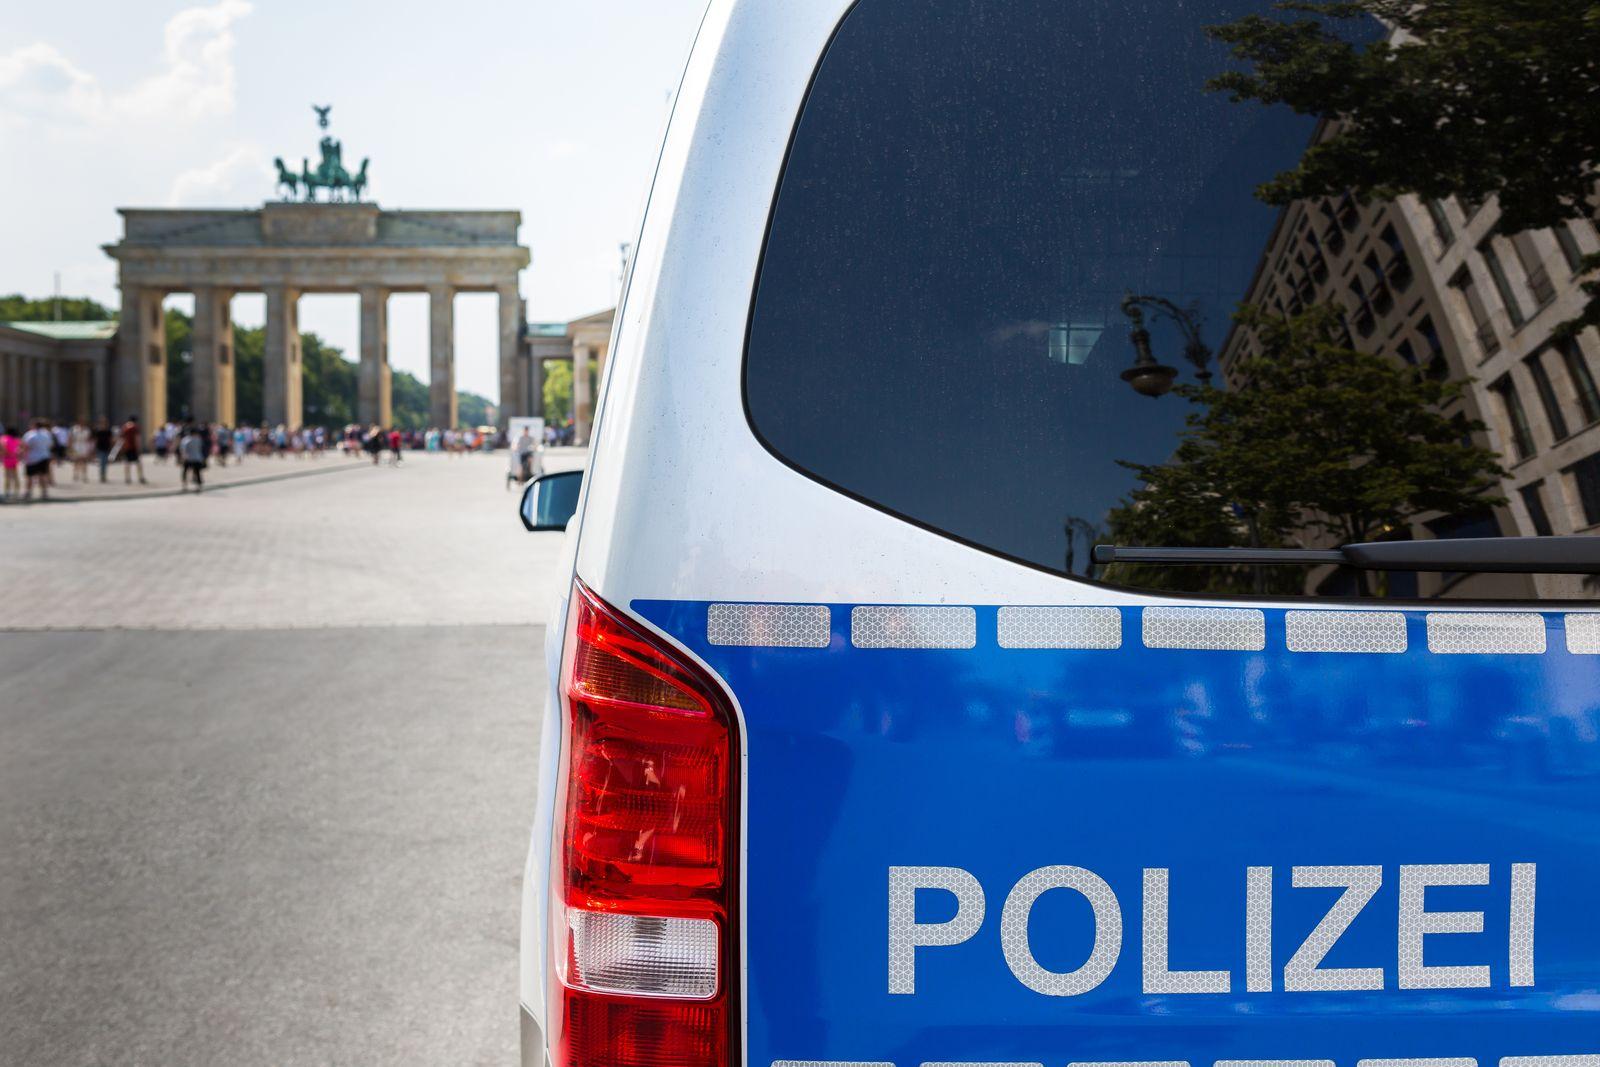 Police car in front of the Brandenburg Gate (Brandenburg Gate) - (Berlin, Germany)